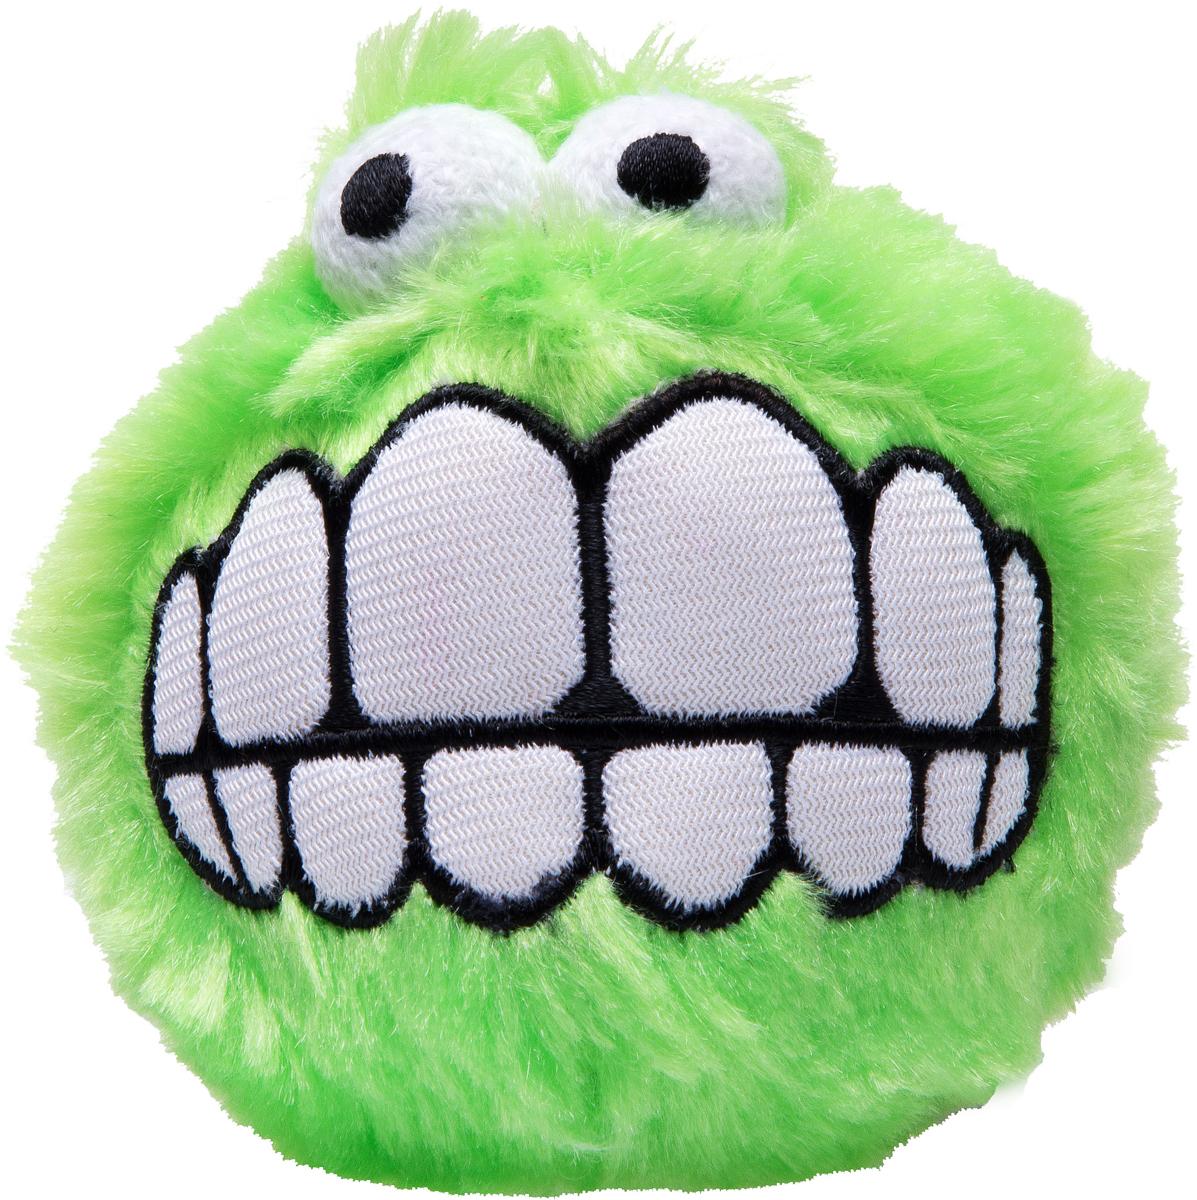 Игрушка для собак Rogz Fluffy Grinz. Зубы, цвет: лайм, диаметр 4,9 см0120710Игрушка для собак Rogz Fluffy Grinz. Зубы - особо мягкий, плюшевый мяч. Для животных, которые любят играть в Поймай-принеси - это просто мечта.Небольшой вес изделия.Не травмирует зубы и десны.Удобен для переноски животных.Внутри игрушки пищалка, что поддерживает интерес животного к игре.